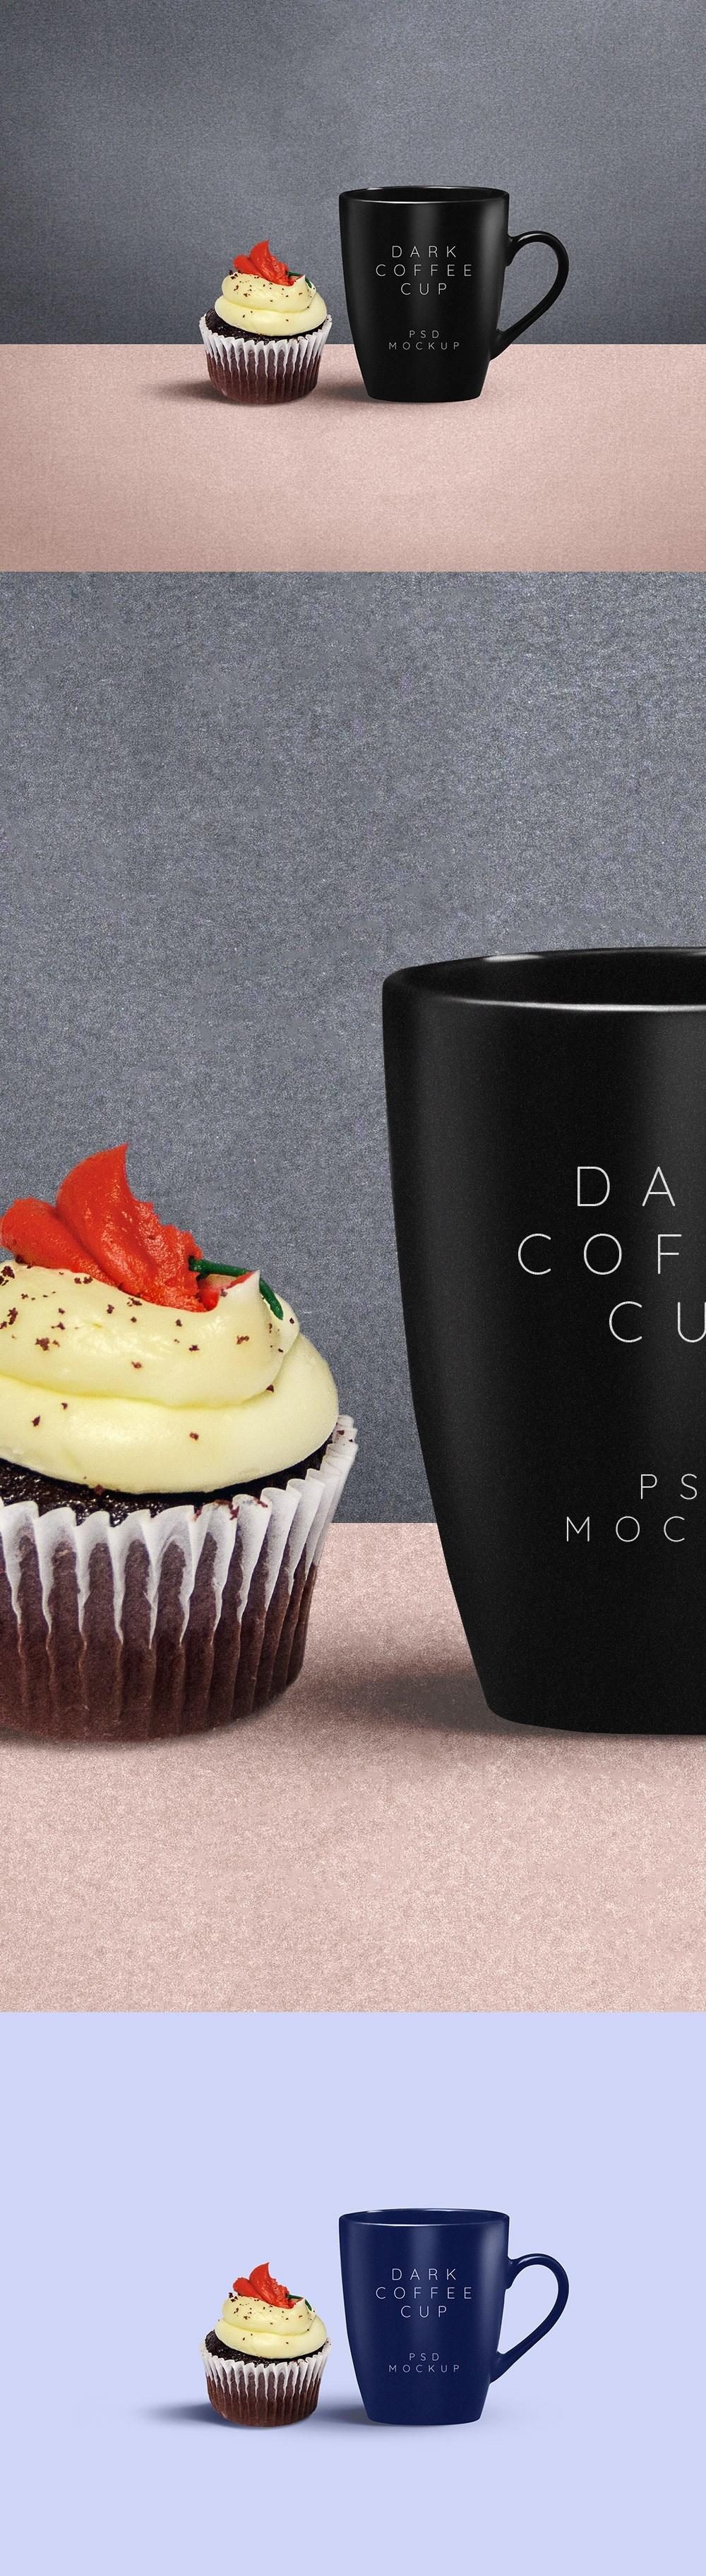 컵케익과 함께 있는 무료 커피컵/머그컵 목업 PSD - Free Coffee Mug PSD Mockup